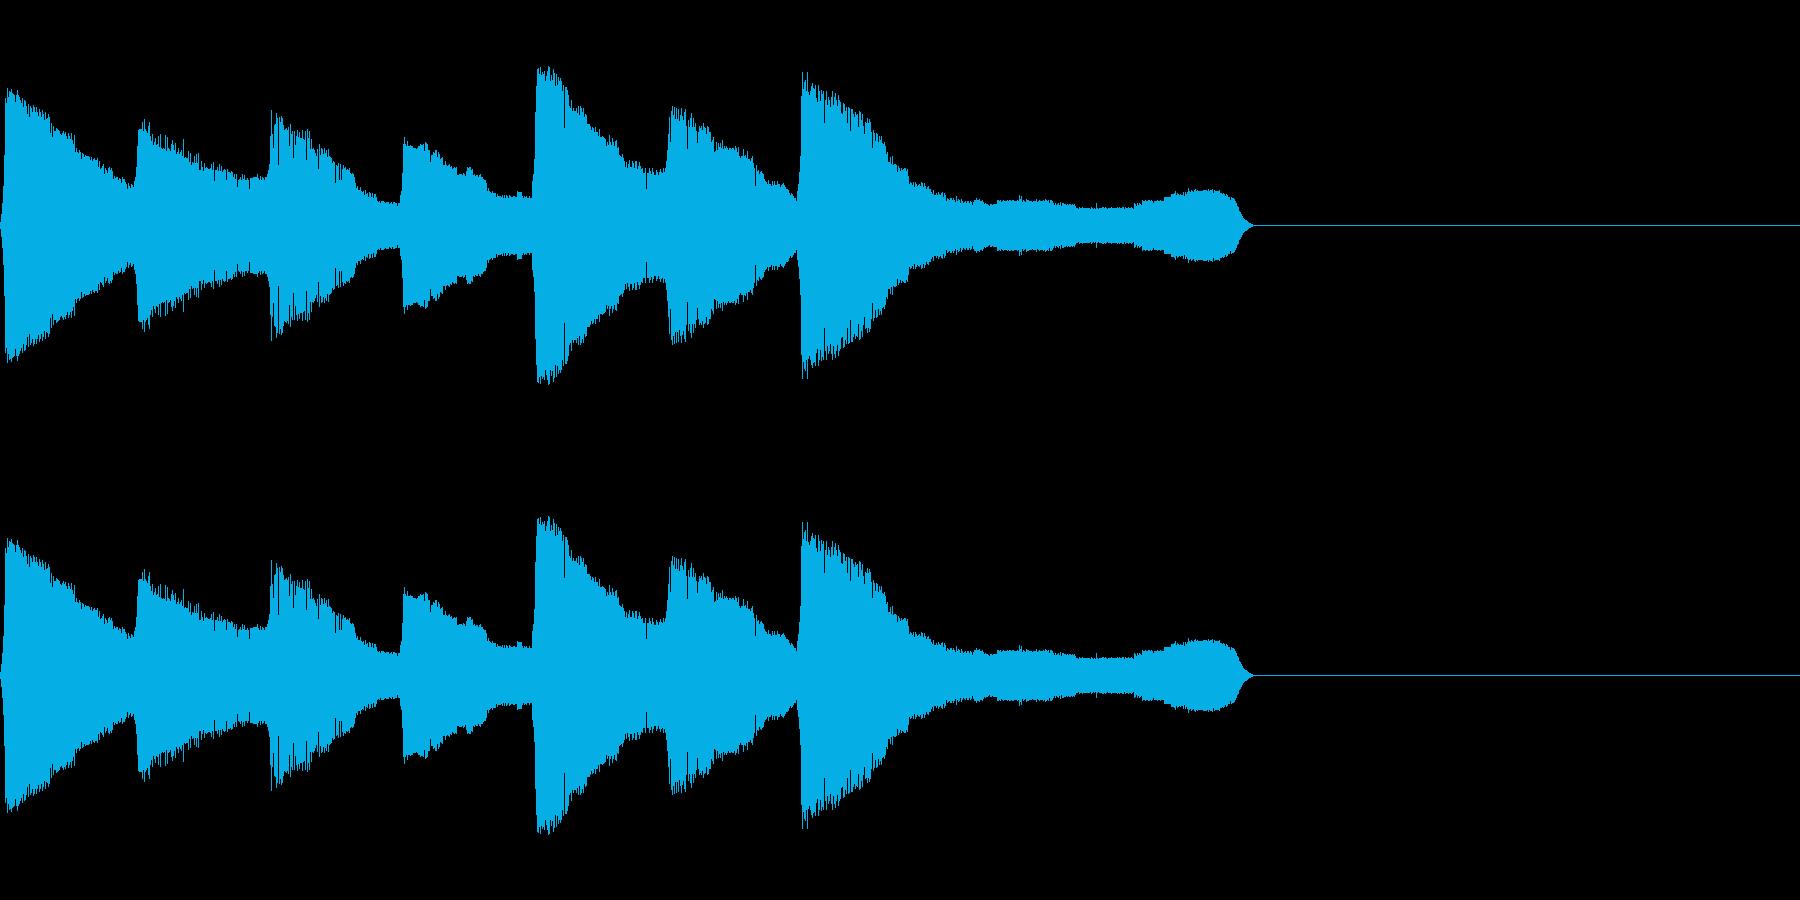 チャララララ(回復クリア/ファミコン#2の再生済みの波形